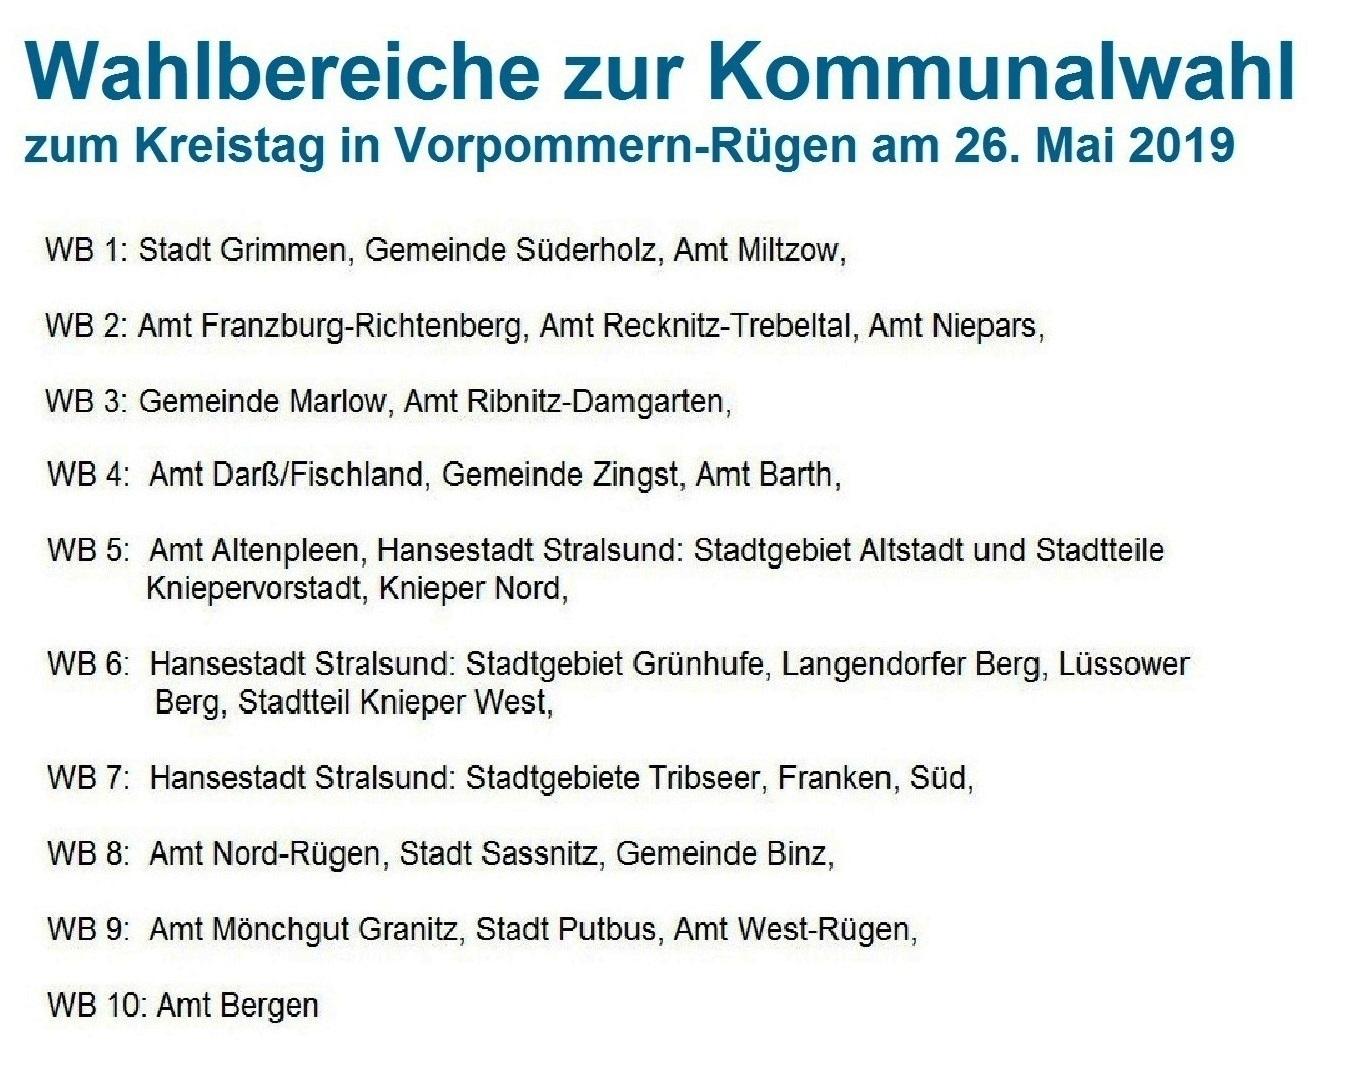 Die zehn Wahlbereiche zur Kommunalwahl am 26. Mai 2019 für den Kreistag Vorpommern-Rügen